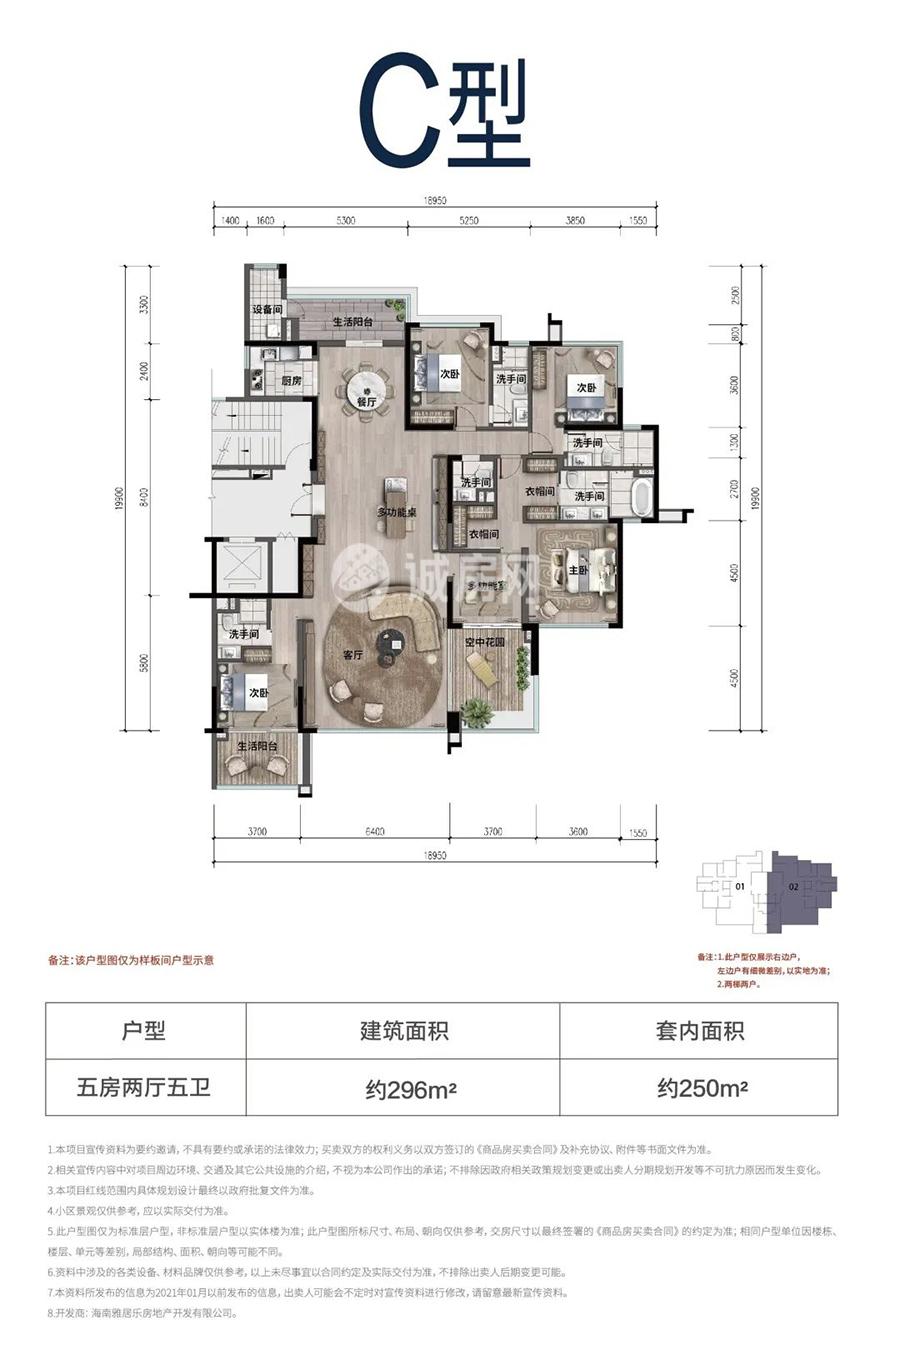 雅居乐清水湾5室2厅5卫 (建筑面积:296.00㎡)